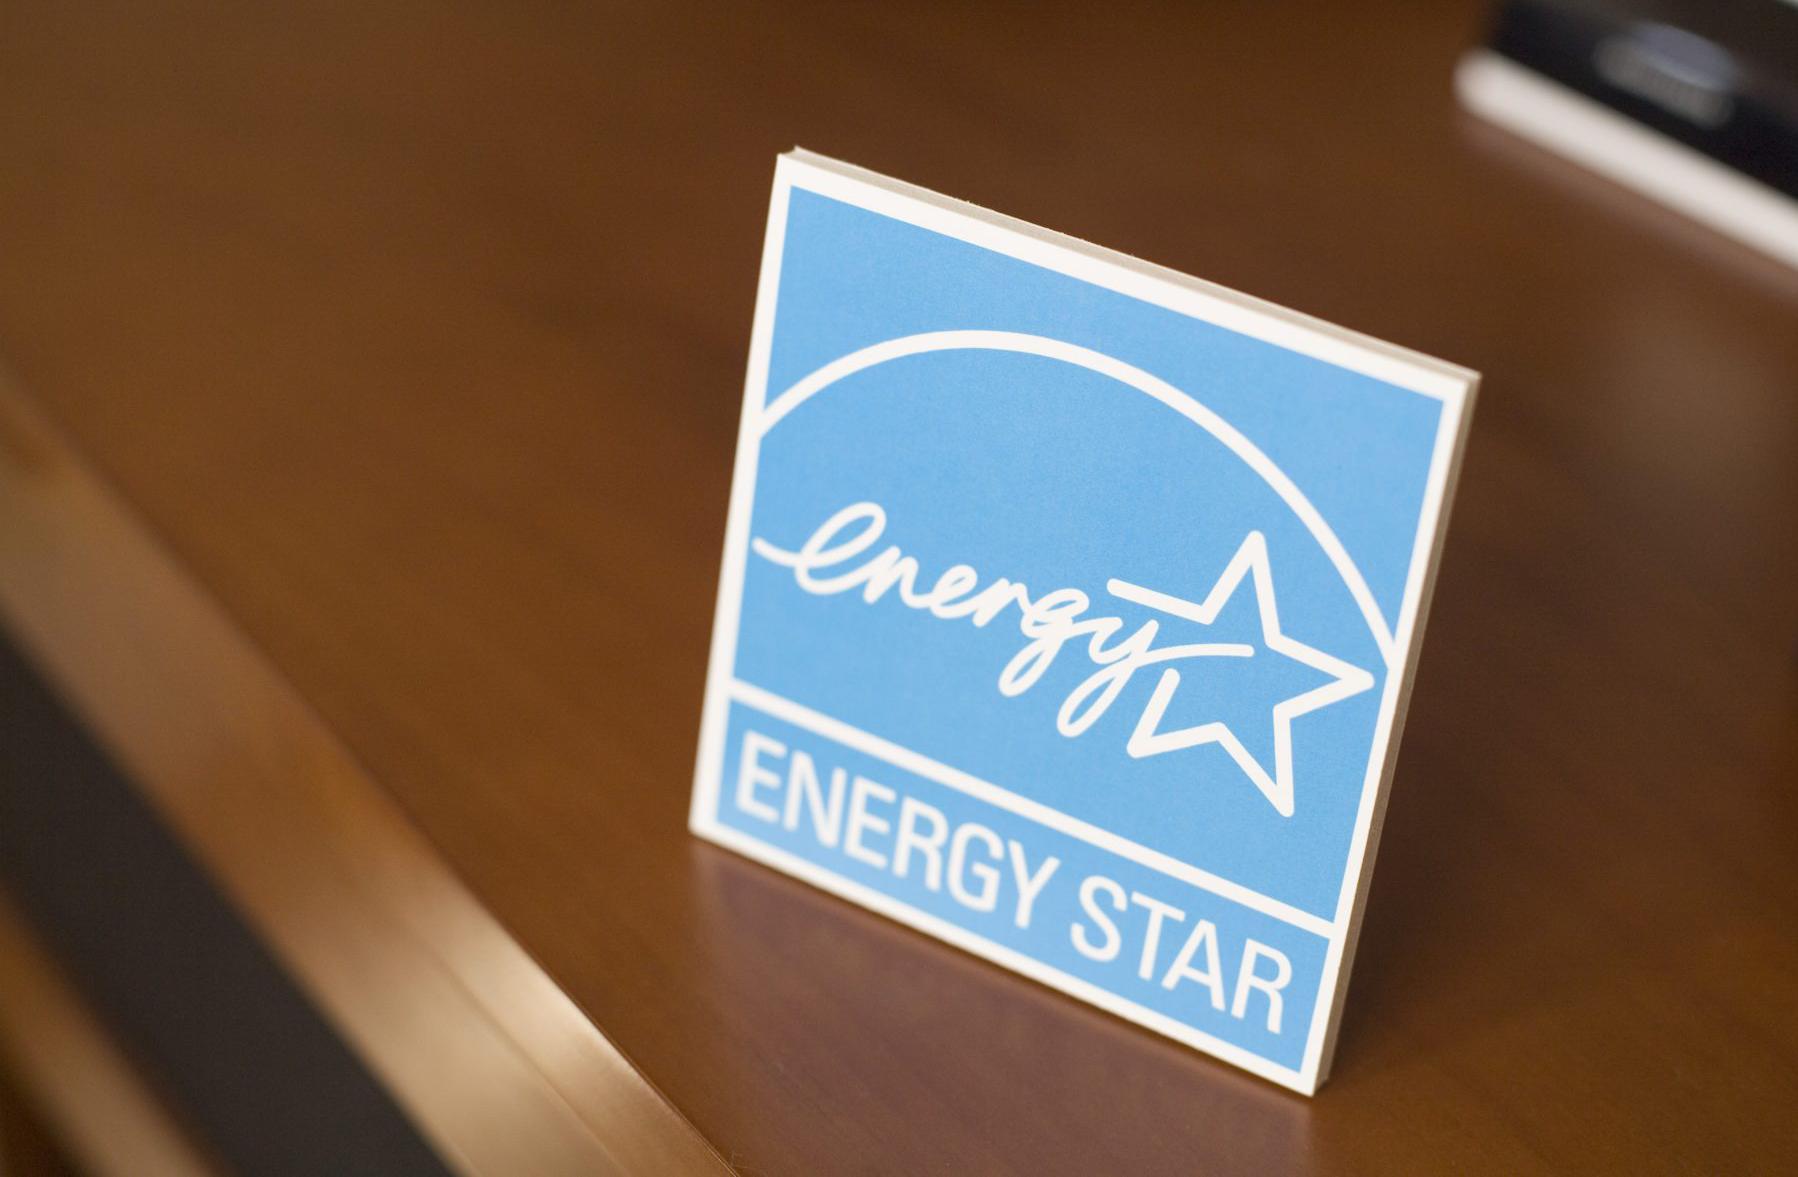 ENERGY_STAR_MG_2311-1